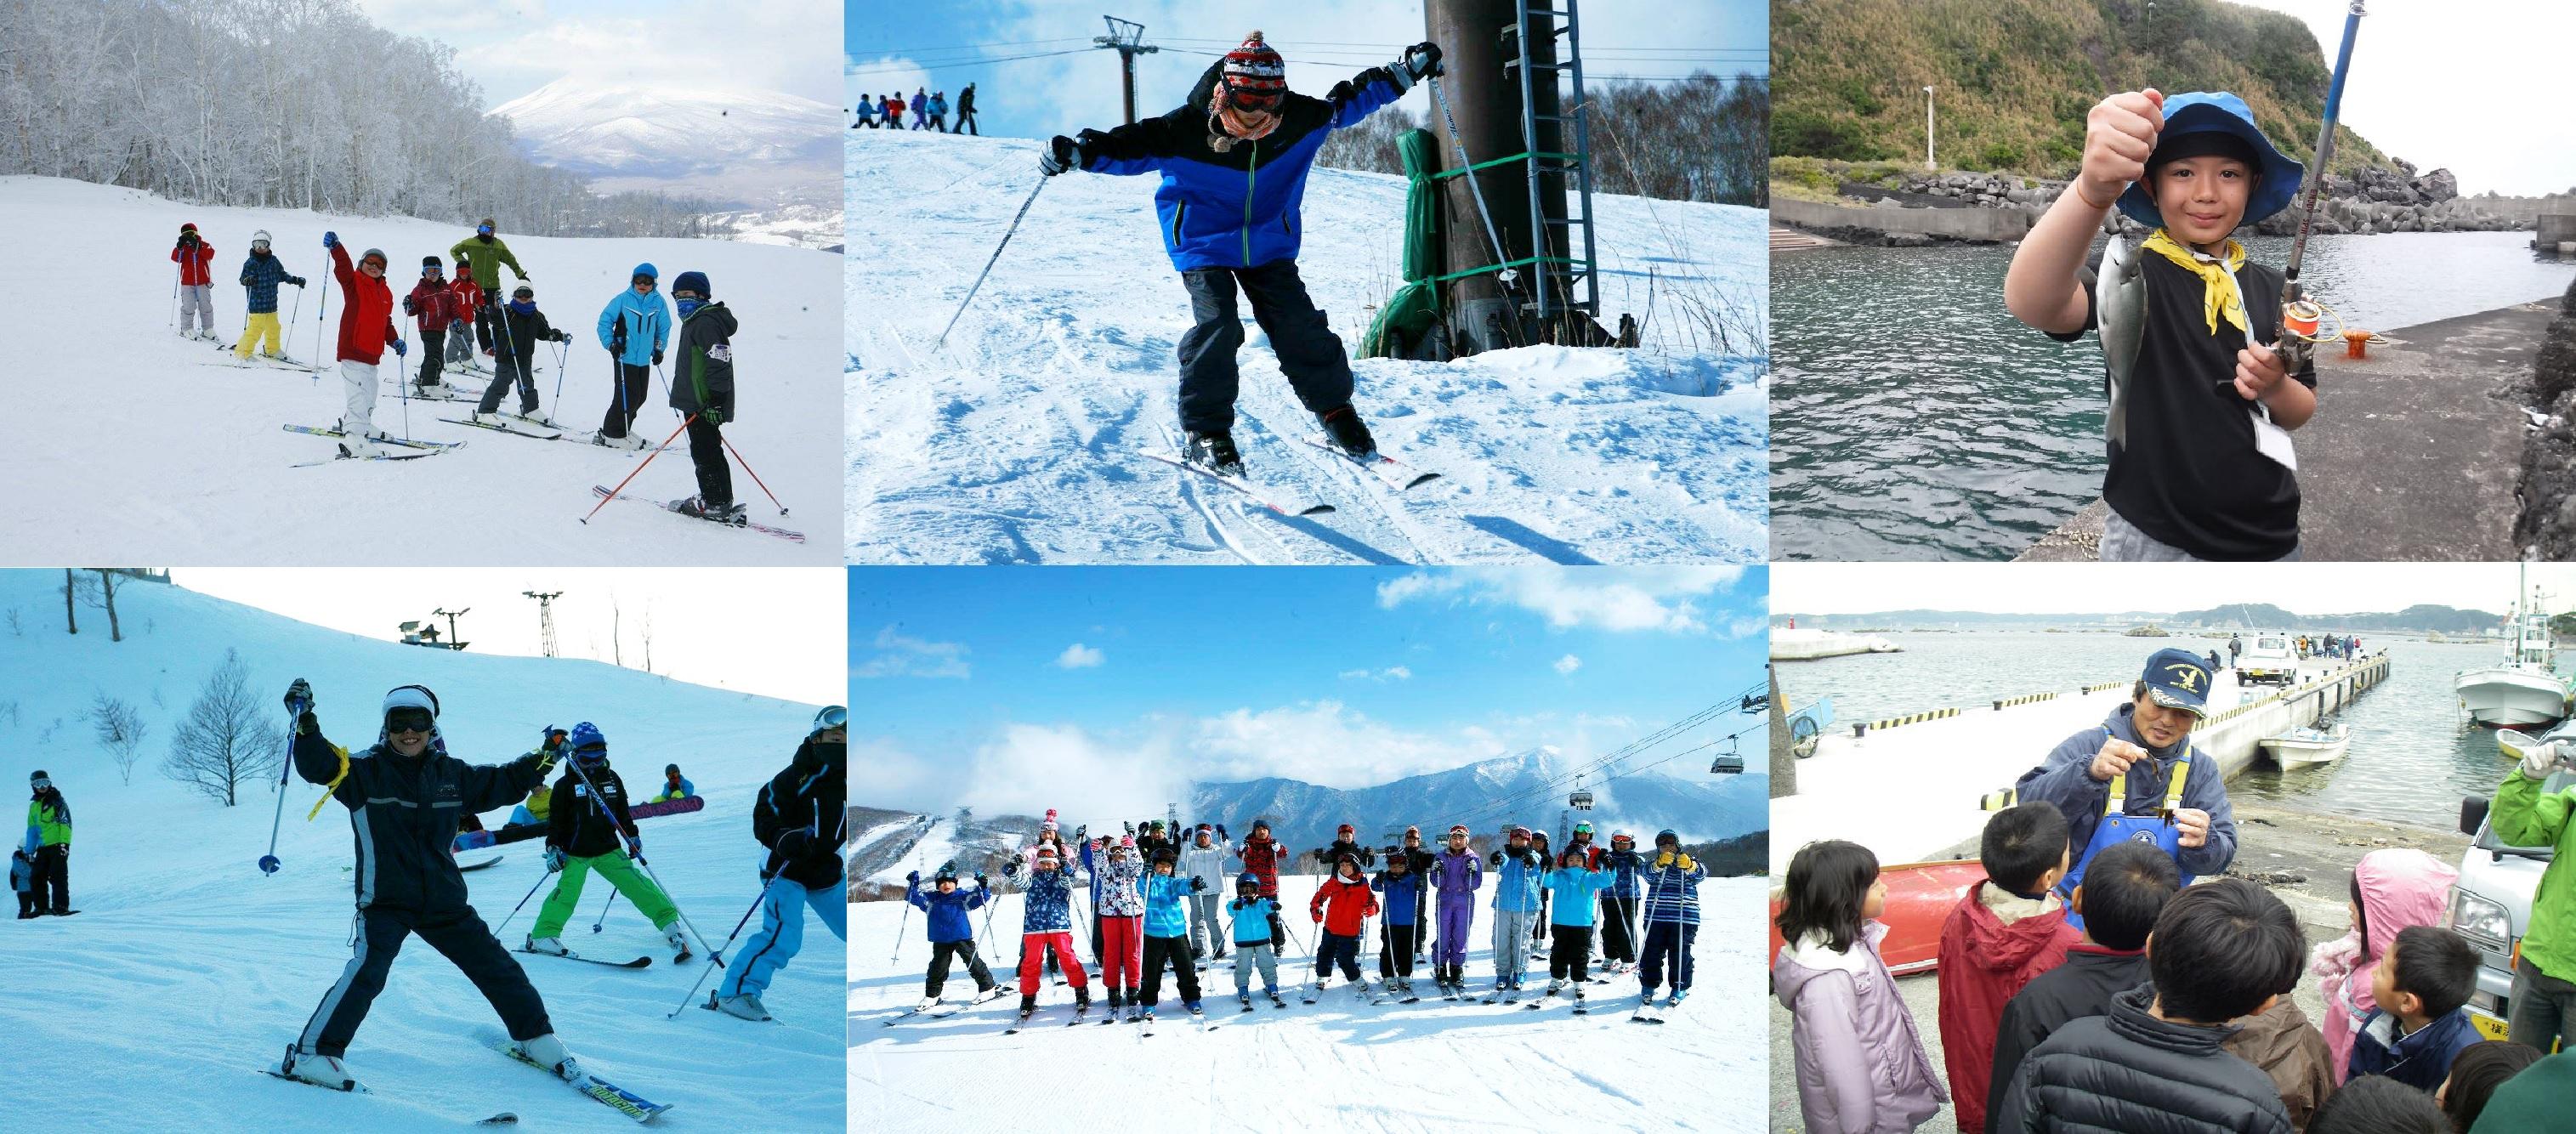 【参加者募集】小学生・中学生対象「2018・2019年冬休み子どもキャンプ・スキーツアー」の全3コースの参加者募集がスタート!-東京・横浜の集合解散で、本格的な体験ができる!